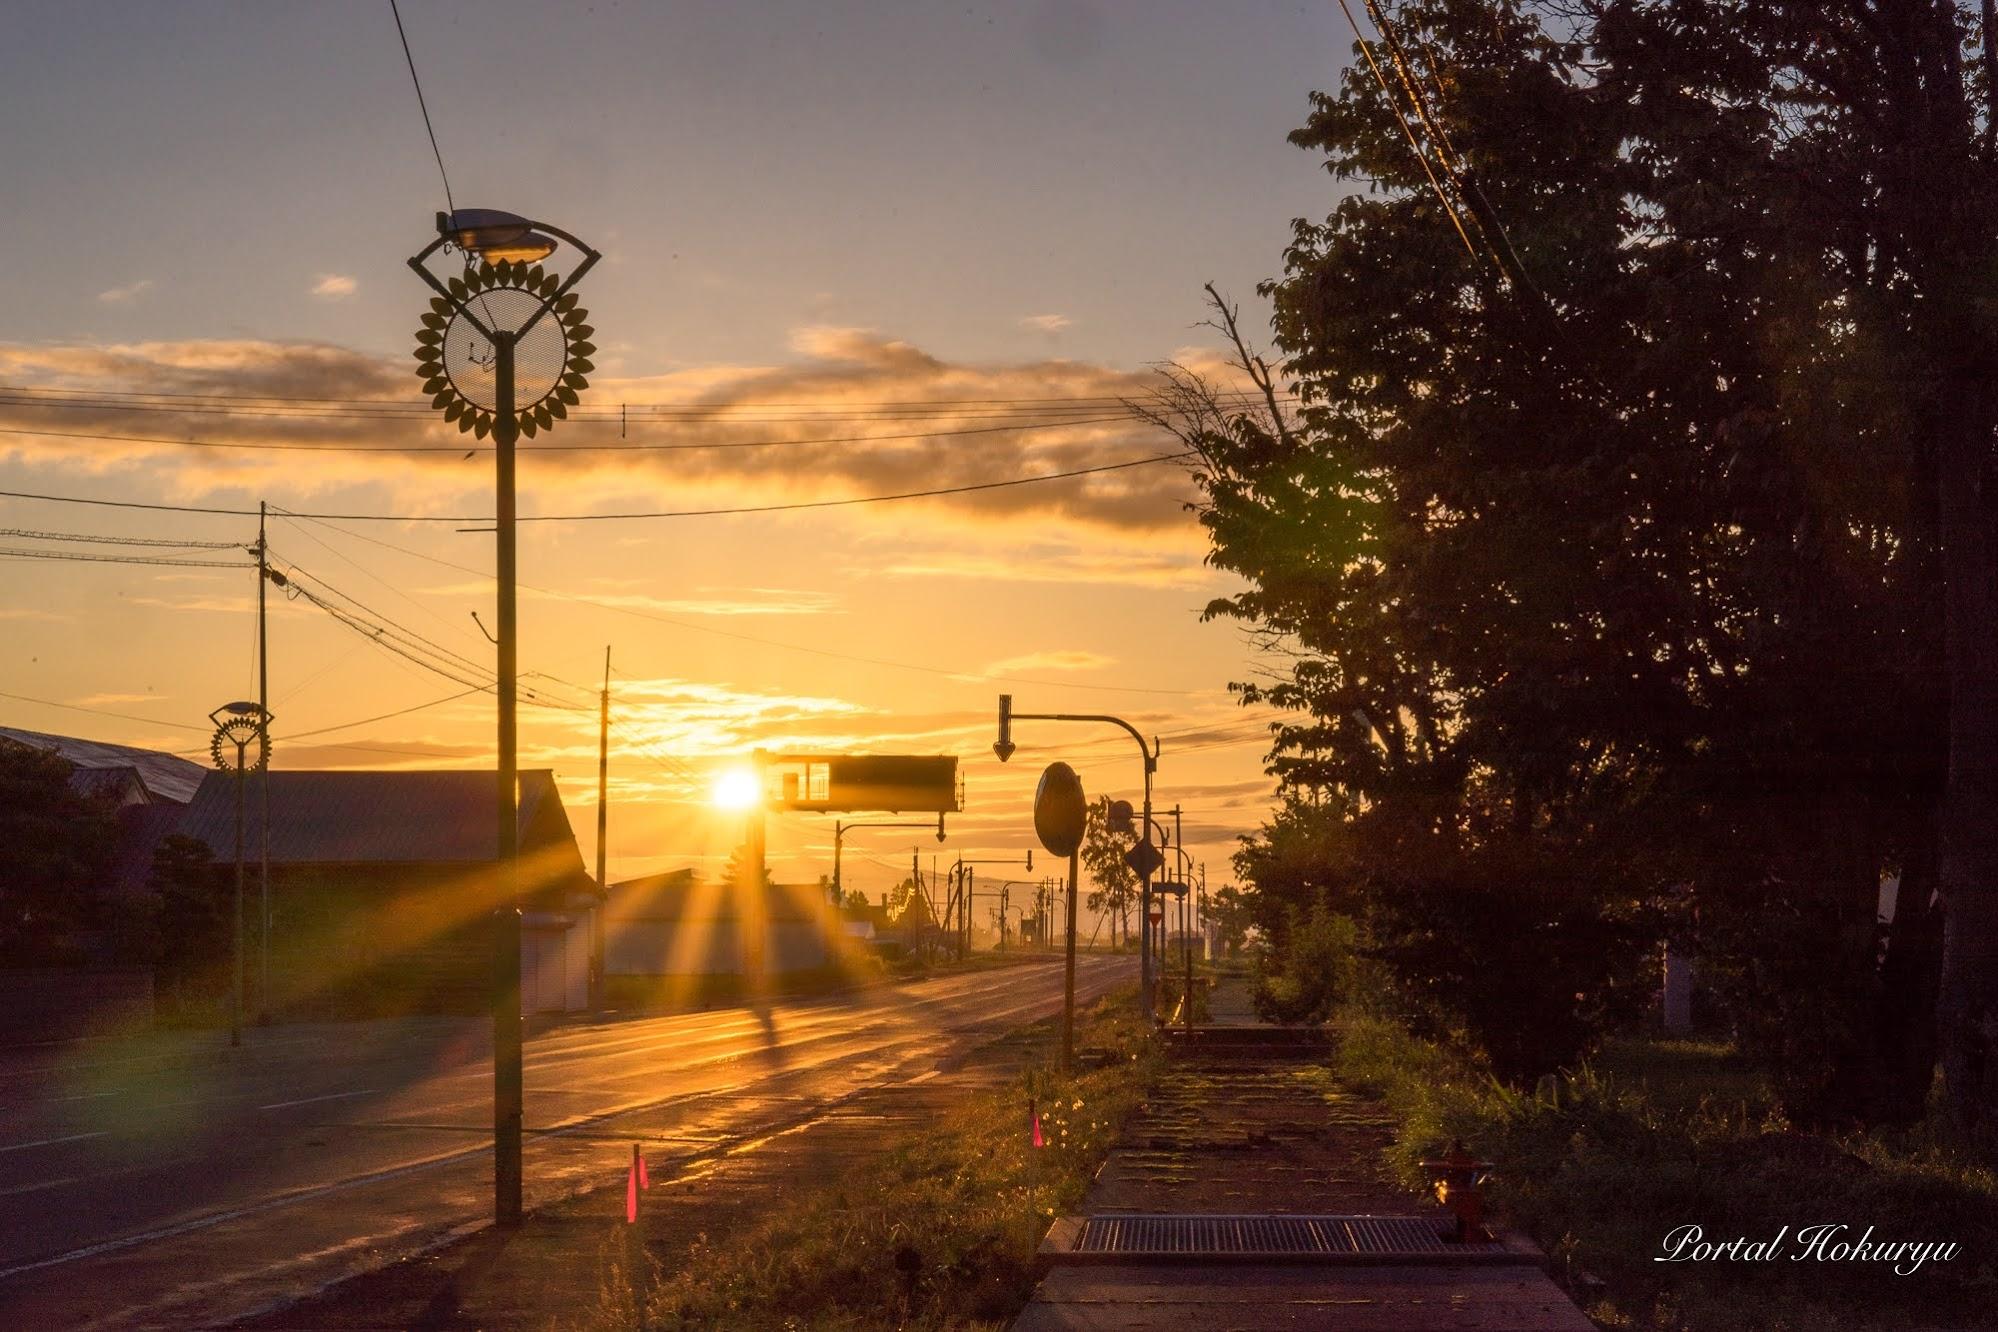 朝陽とひまわりの街灯